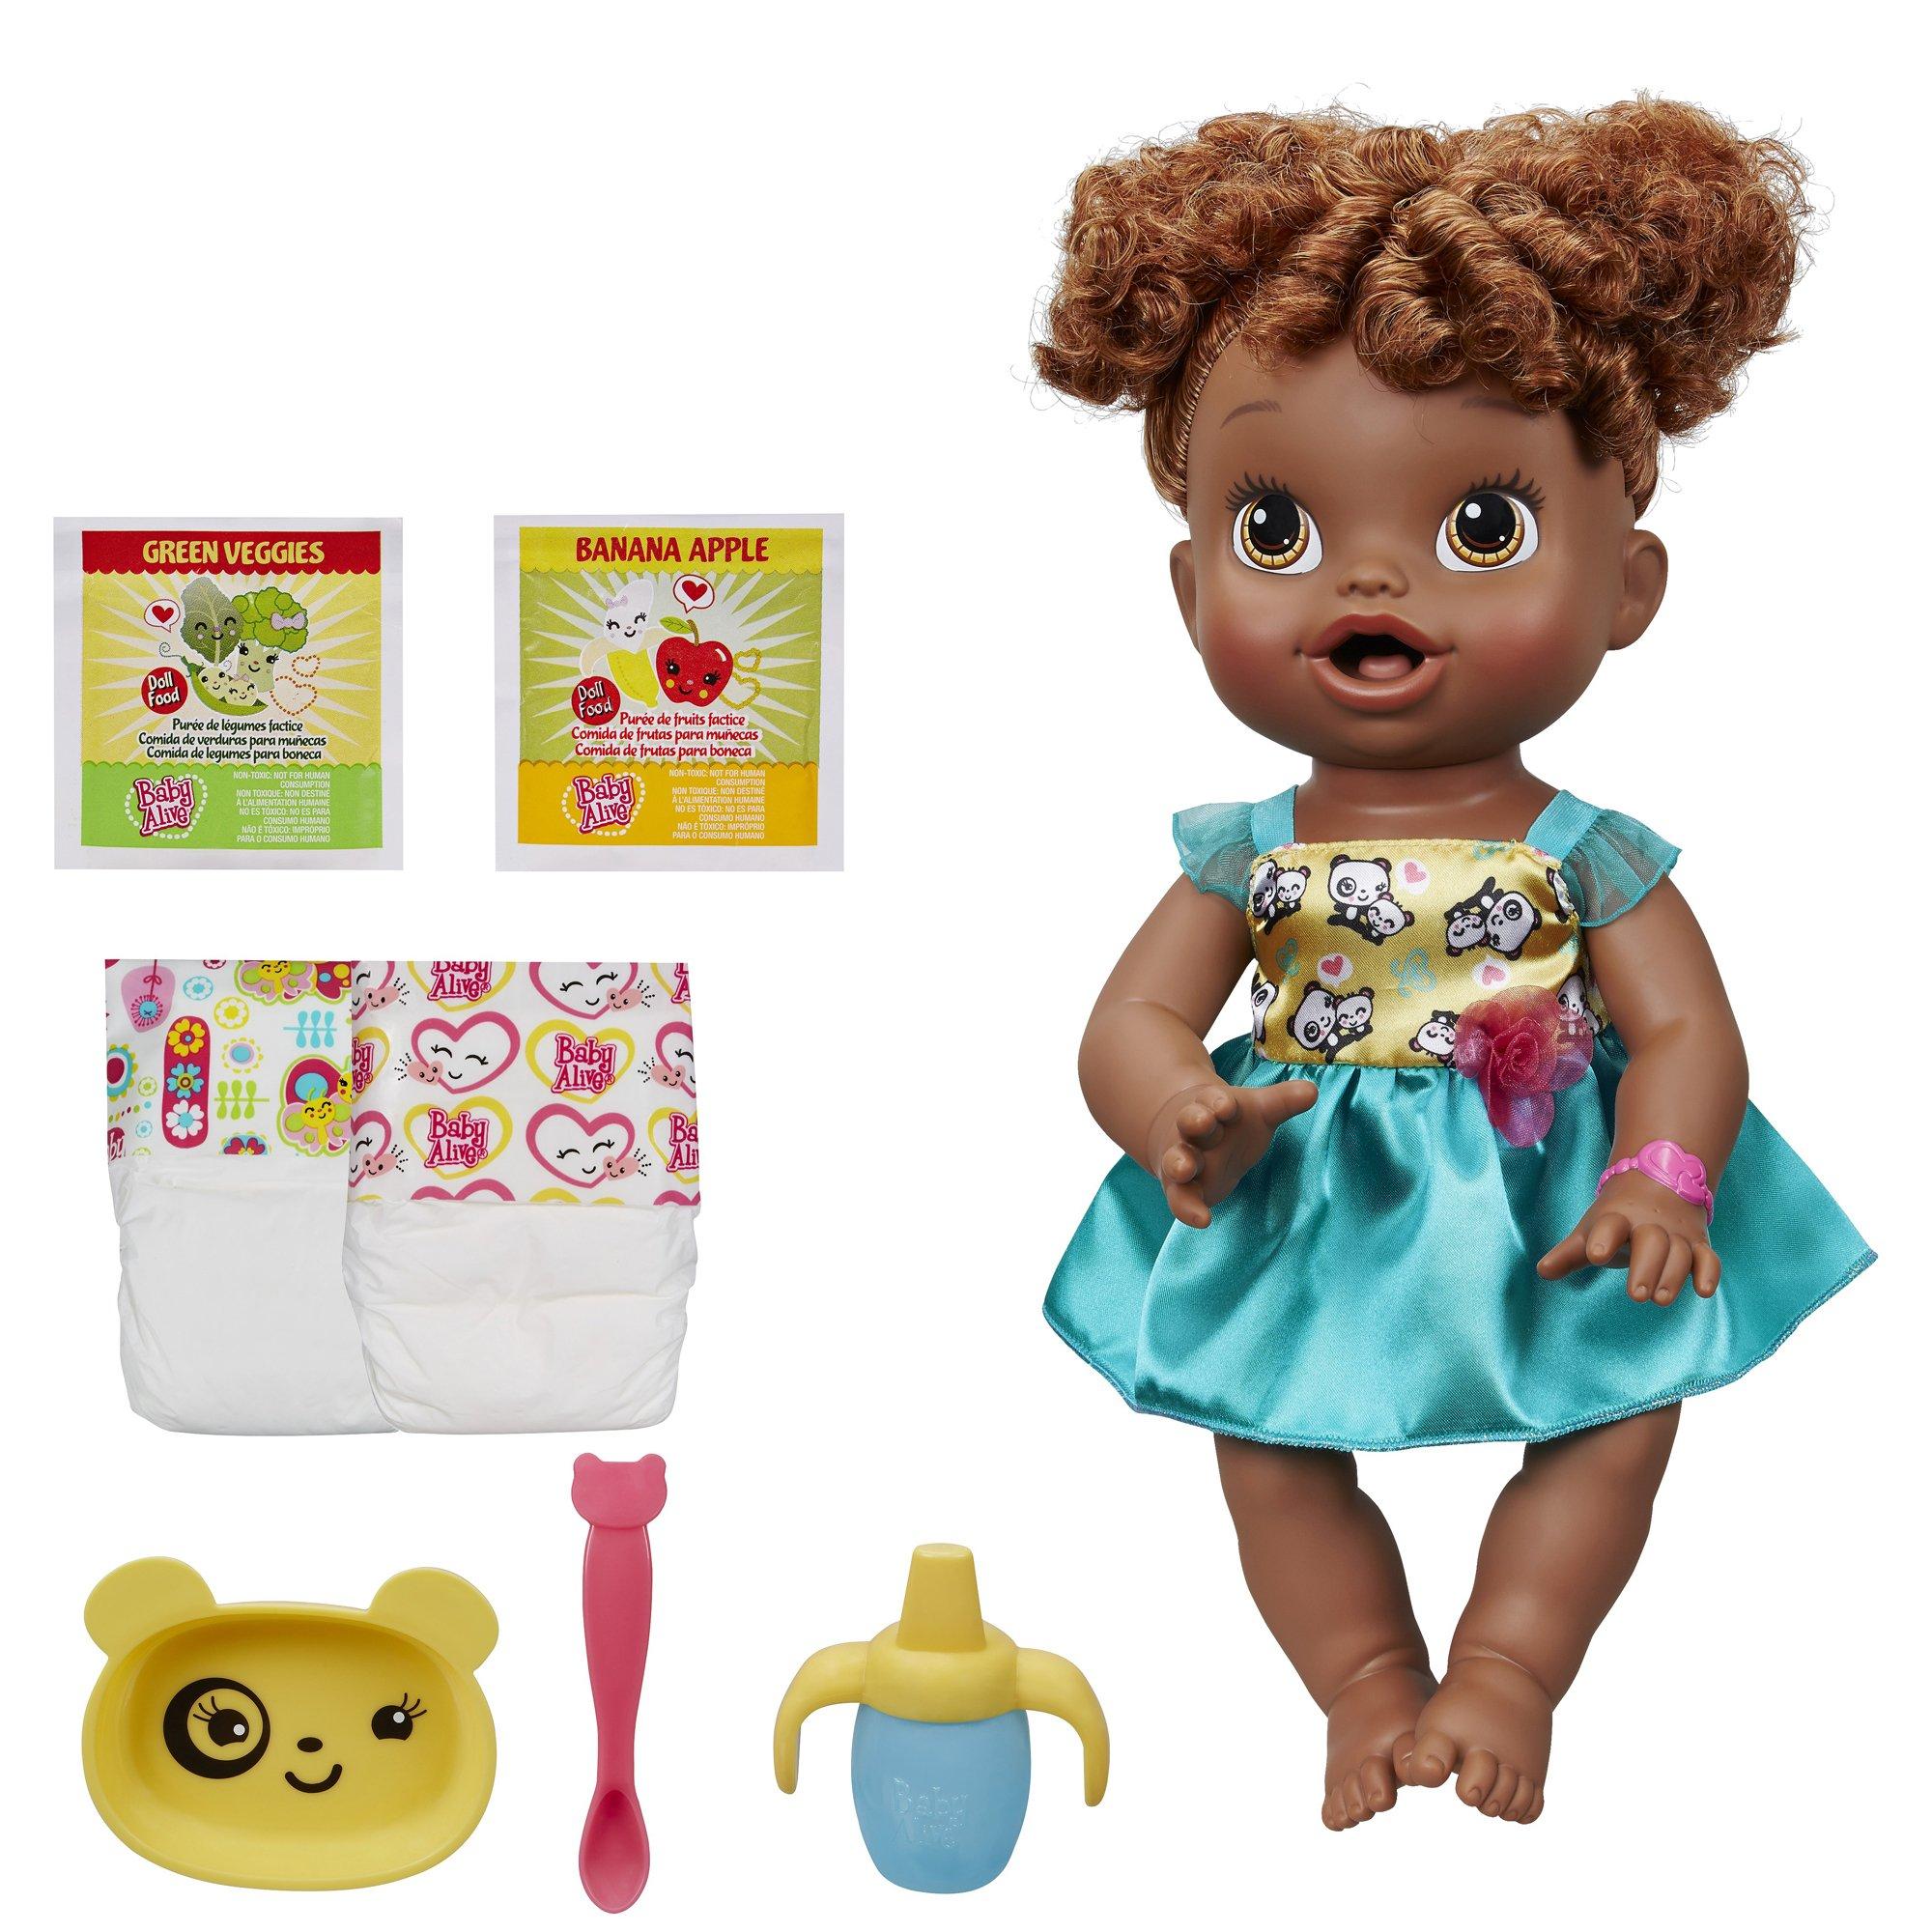 Кочкин кукла элайв цена краснодар для учета